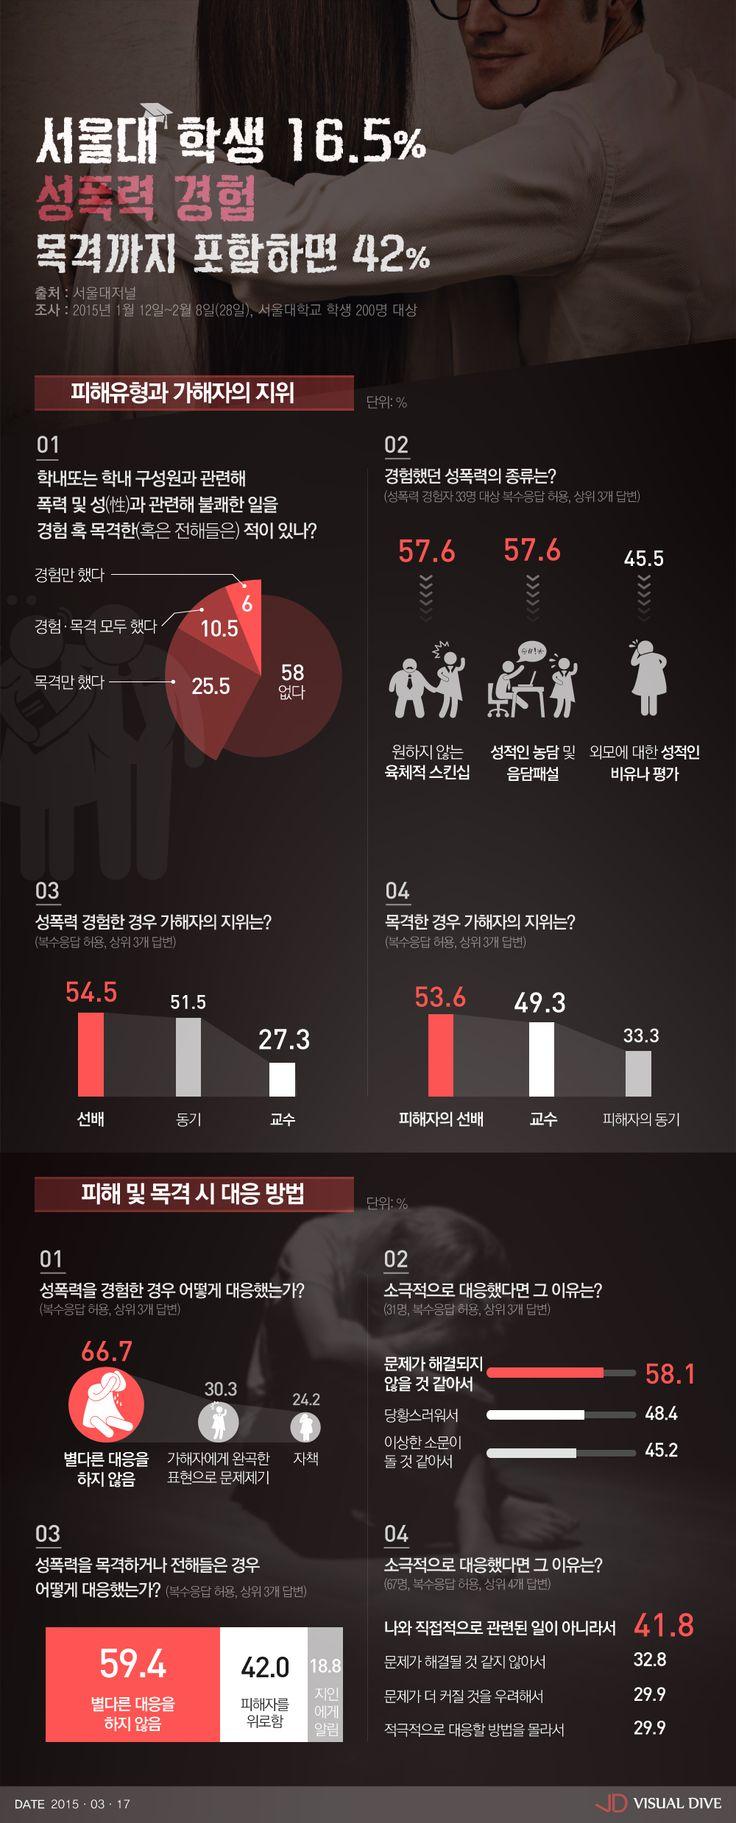 서울대생 42%, 성폭력 겪거나 목격…가해자는 '선배〉동기〉교수' [인포그래픽] #sexualmolestation / #Infographic ⓒ 비주얼다이브 무단 복사·전재·재배포 금지